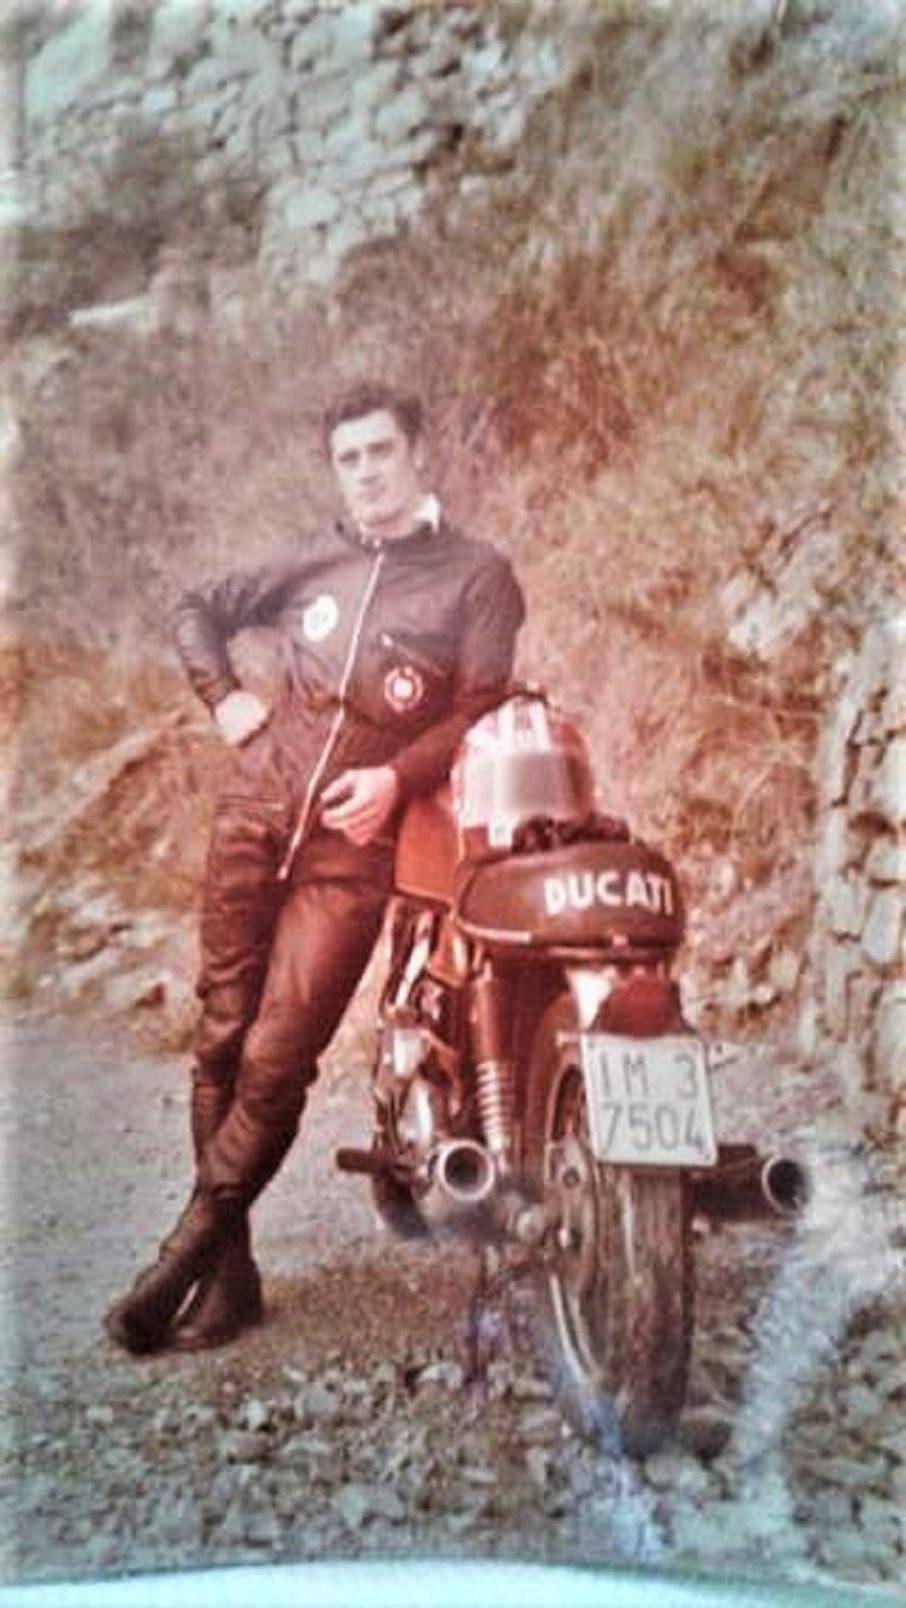 Lucio Fracassi in una foto con la Sua Ducati, una delle tante moto possedute.